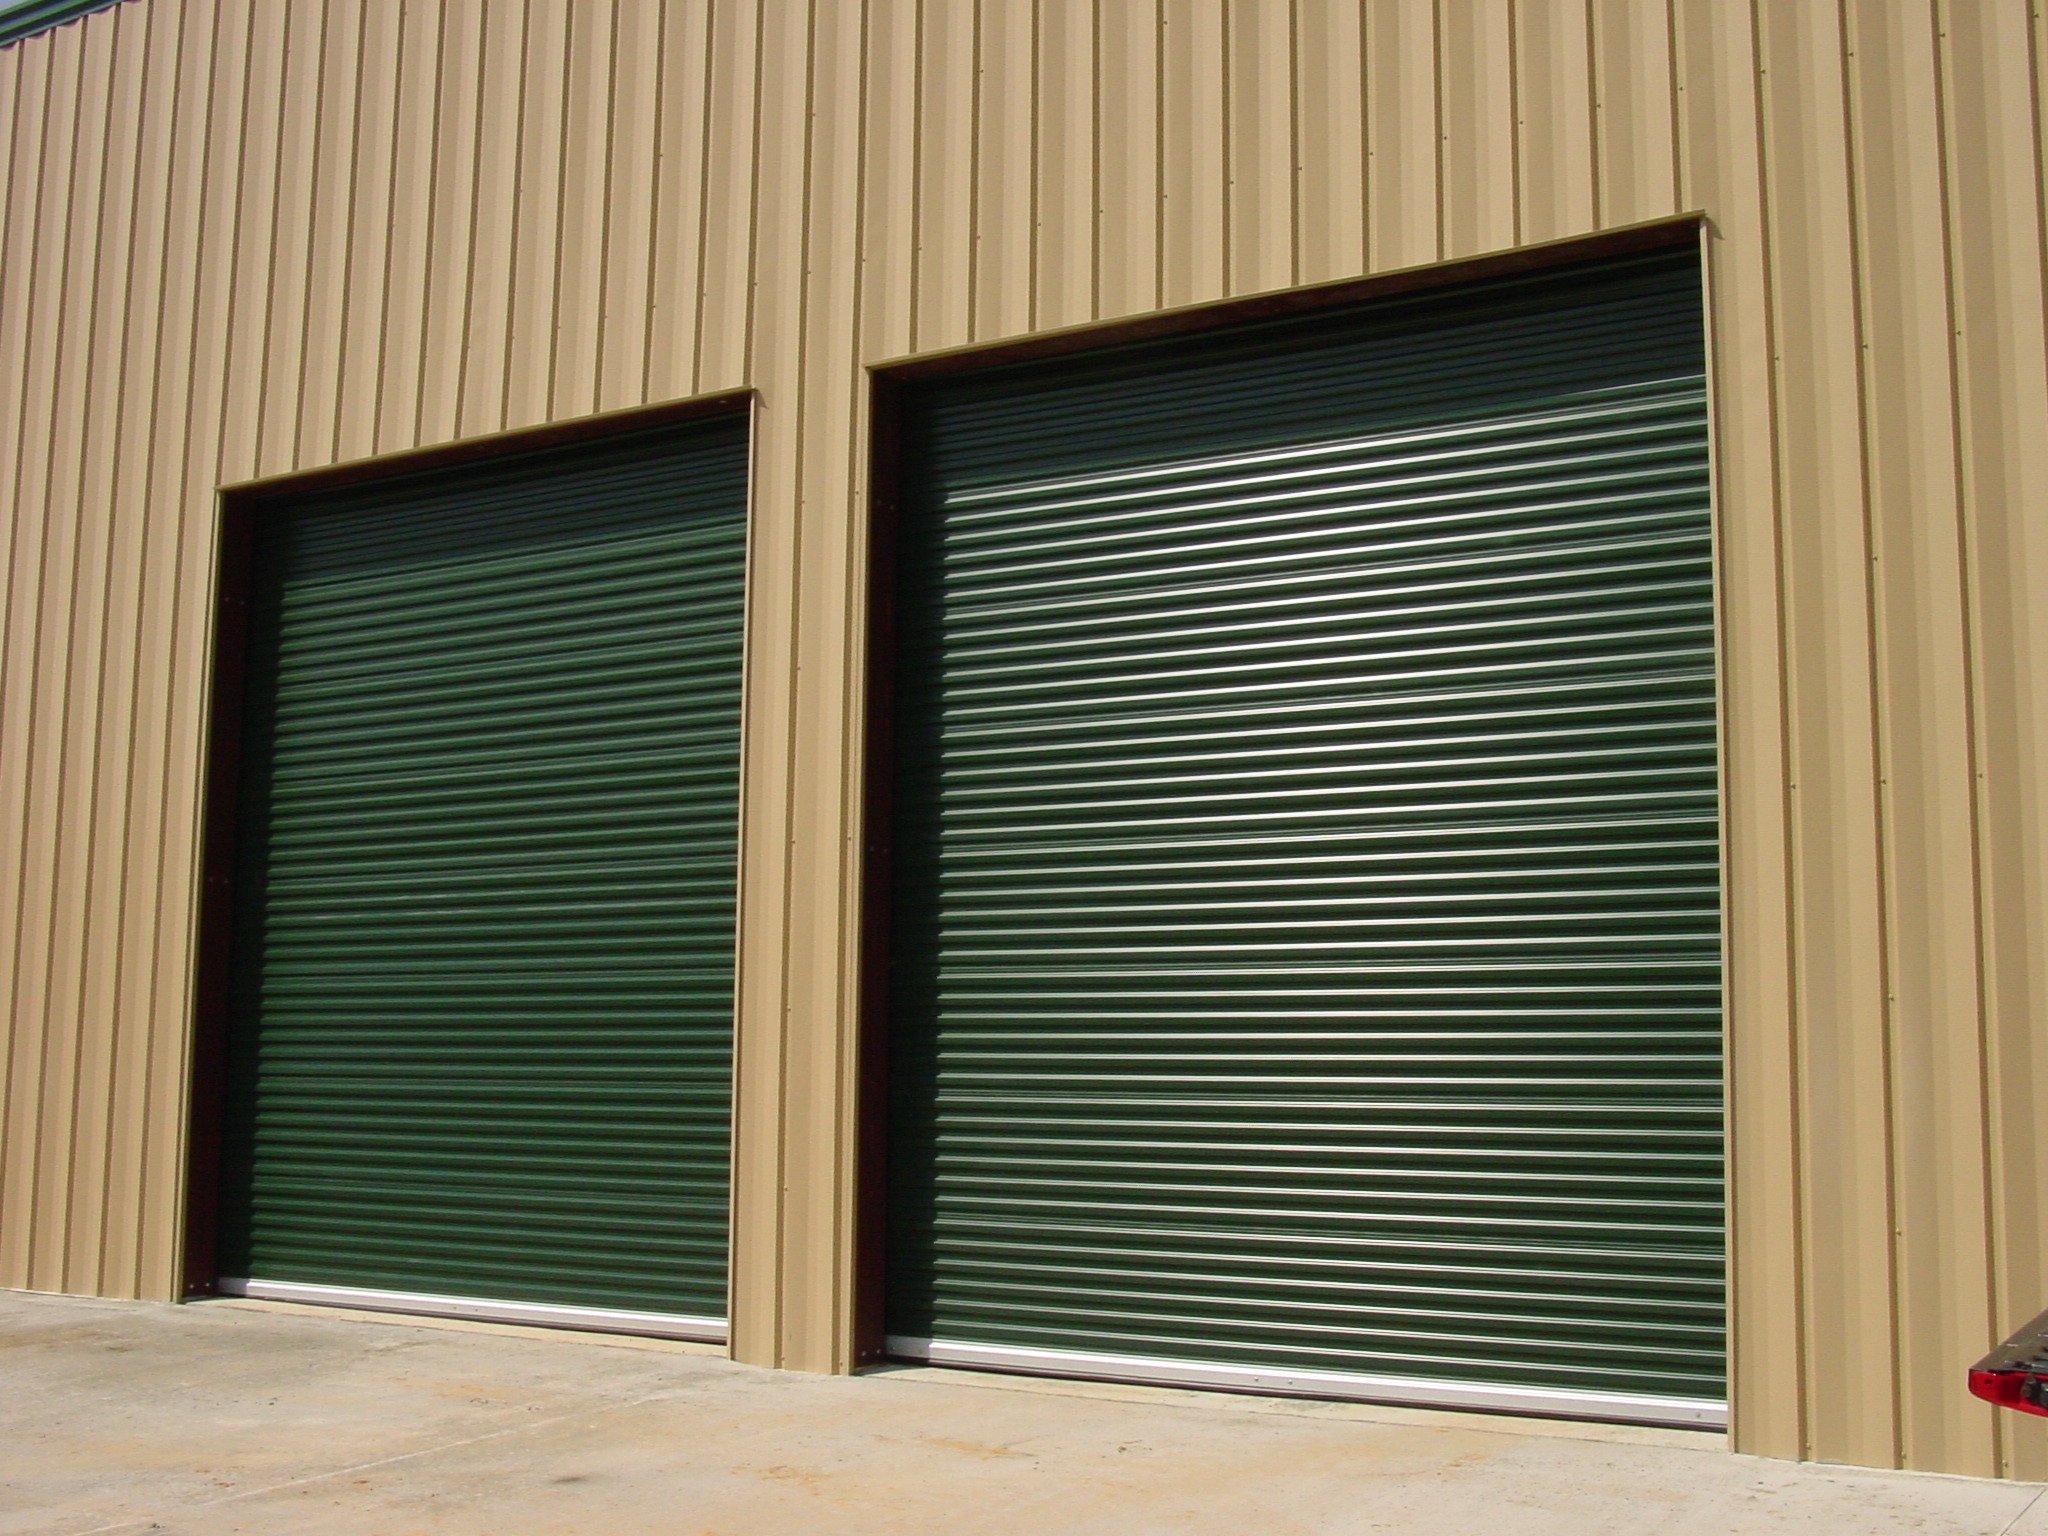 Green Commercial Doors Installed on Metal Garage